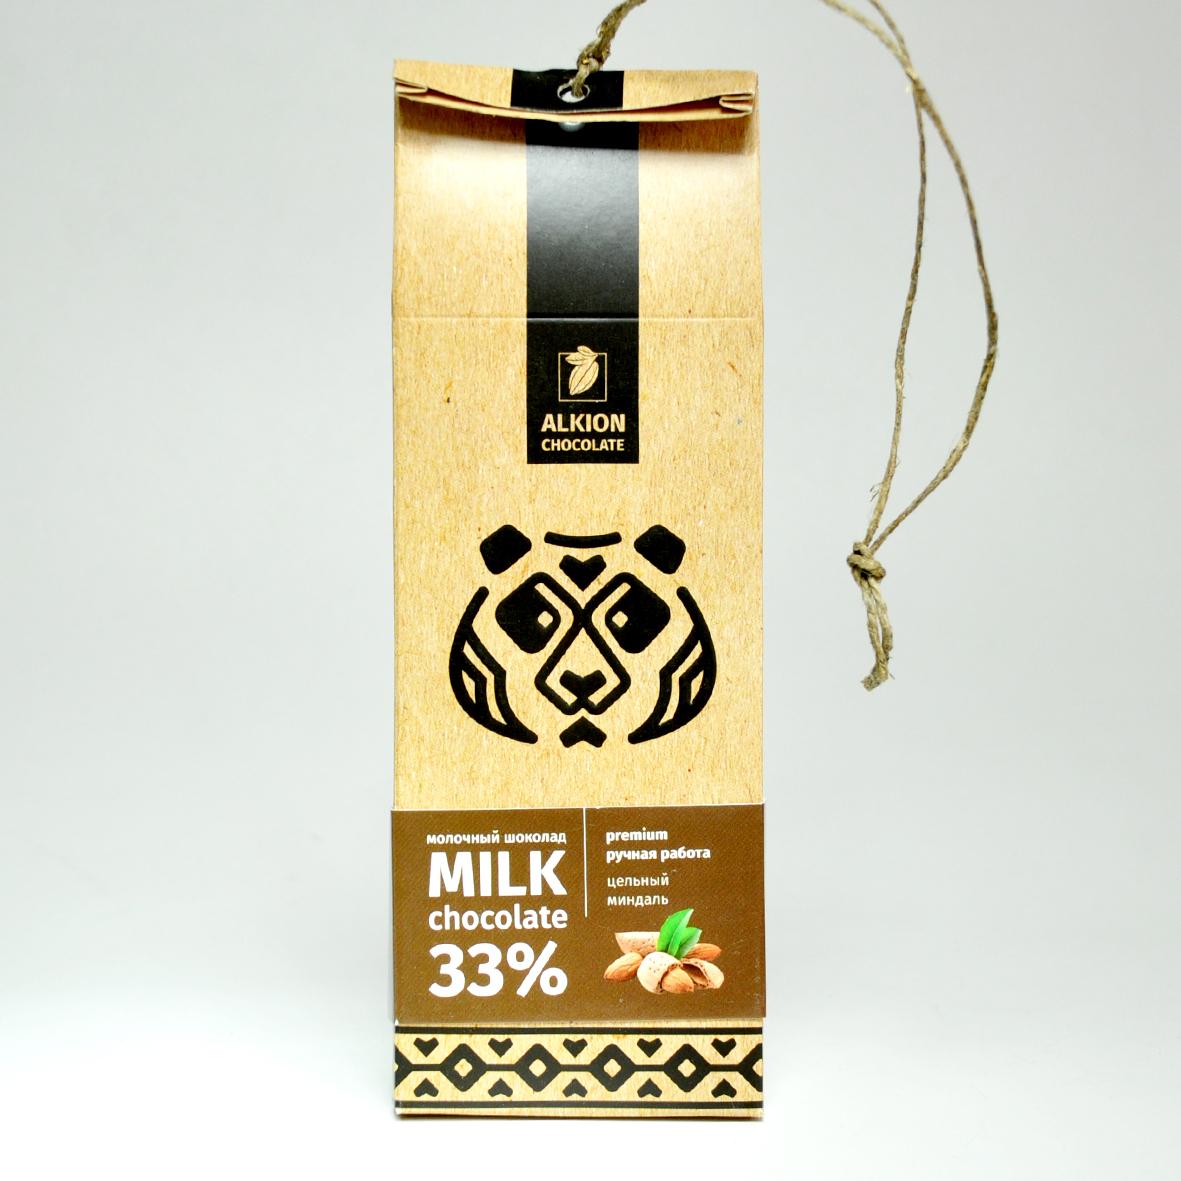 Шоколад Алкион молочный с цельным миндалем